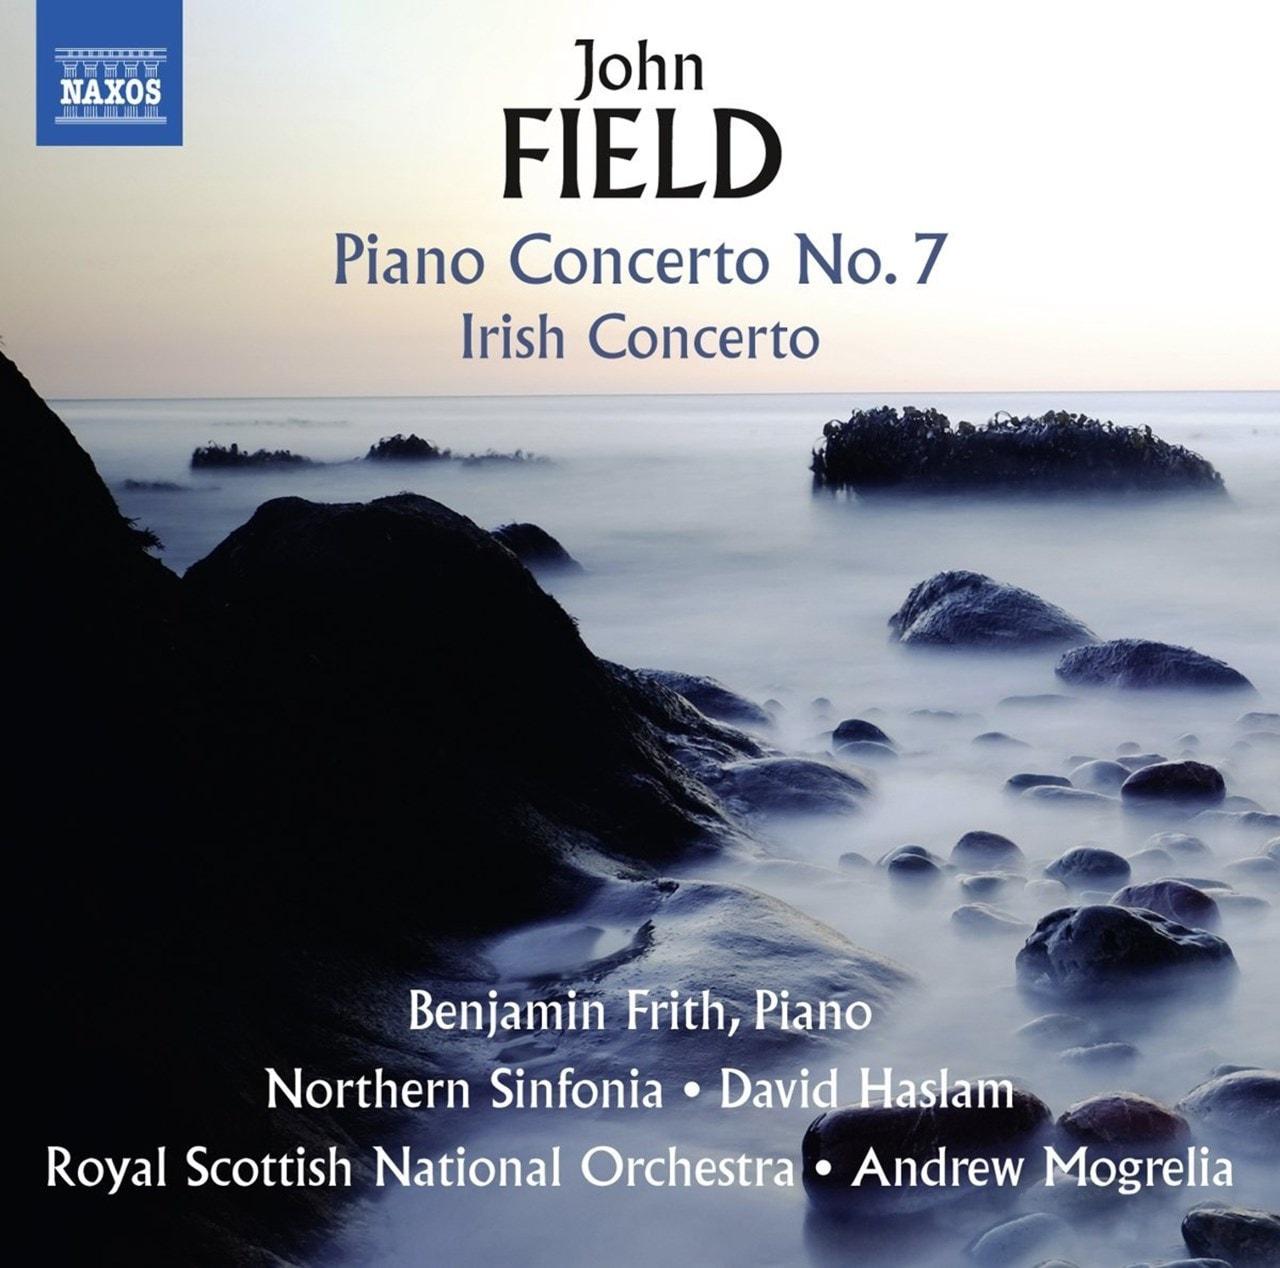 John Field: Piano Concerto No. 7/Irish Concerto - 1